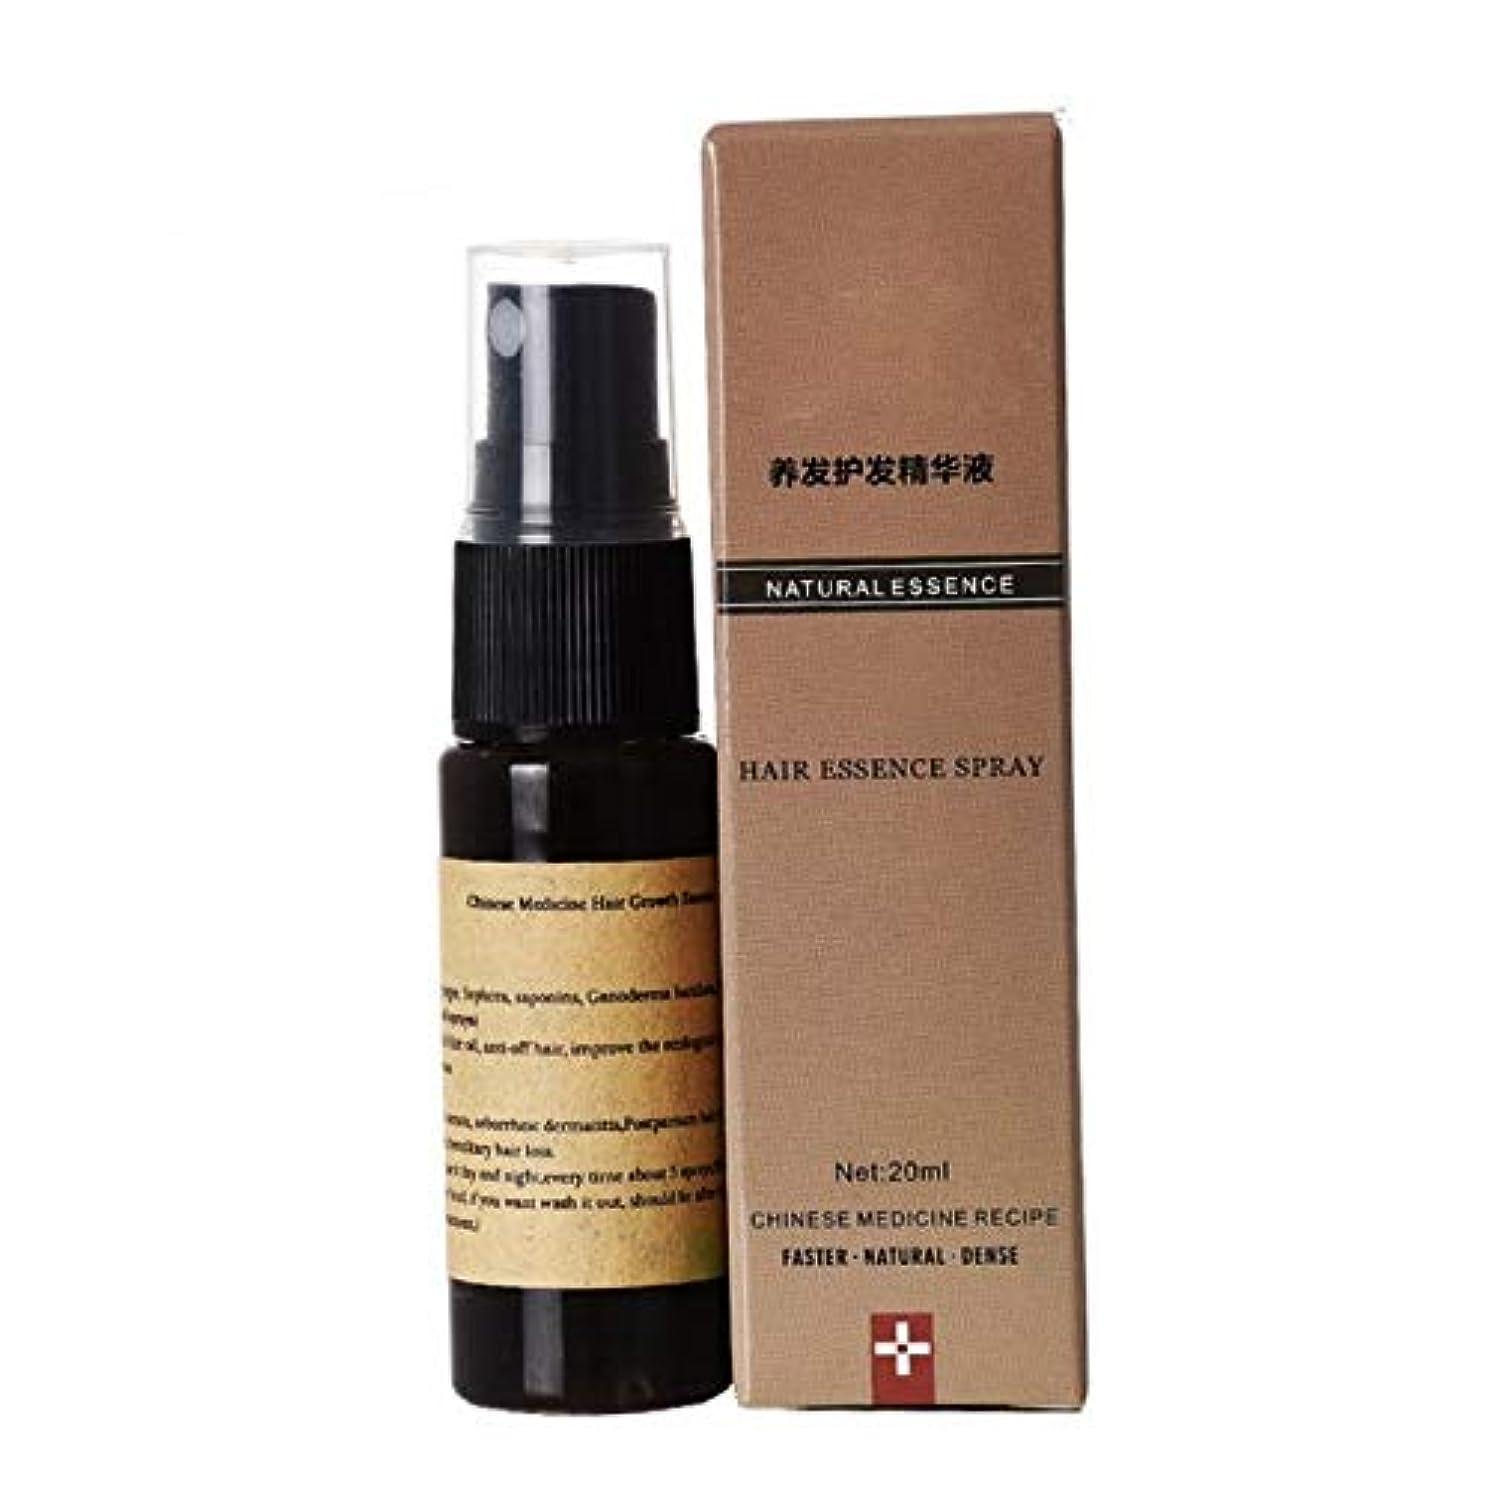 やめるチューインガム愛抜け毛防止シャンプーAnti Gray Hair Spray Shampoo Serum Hair Organic Fast Hair Growth Essence